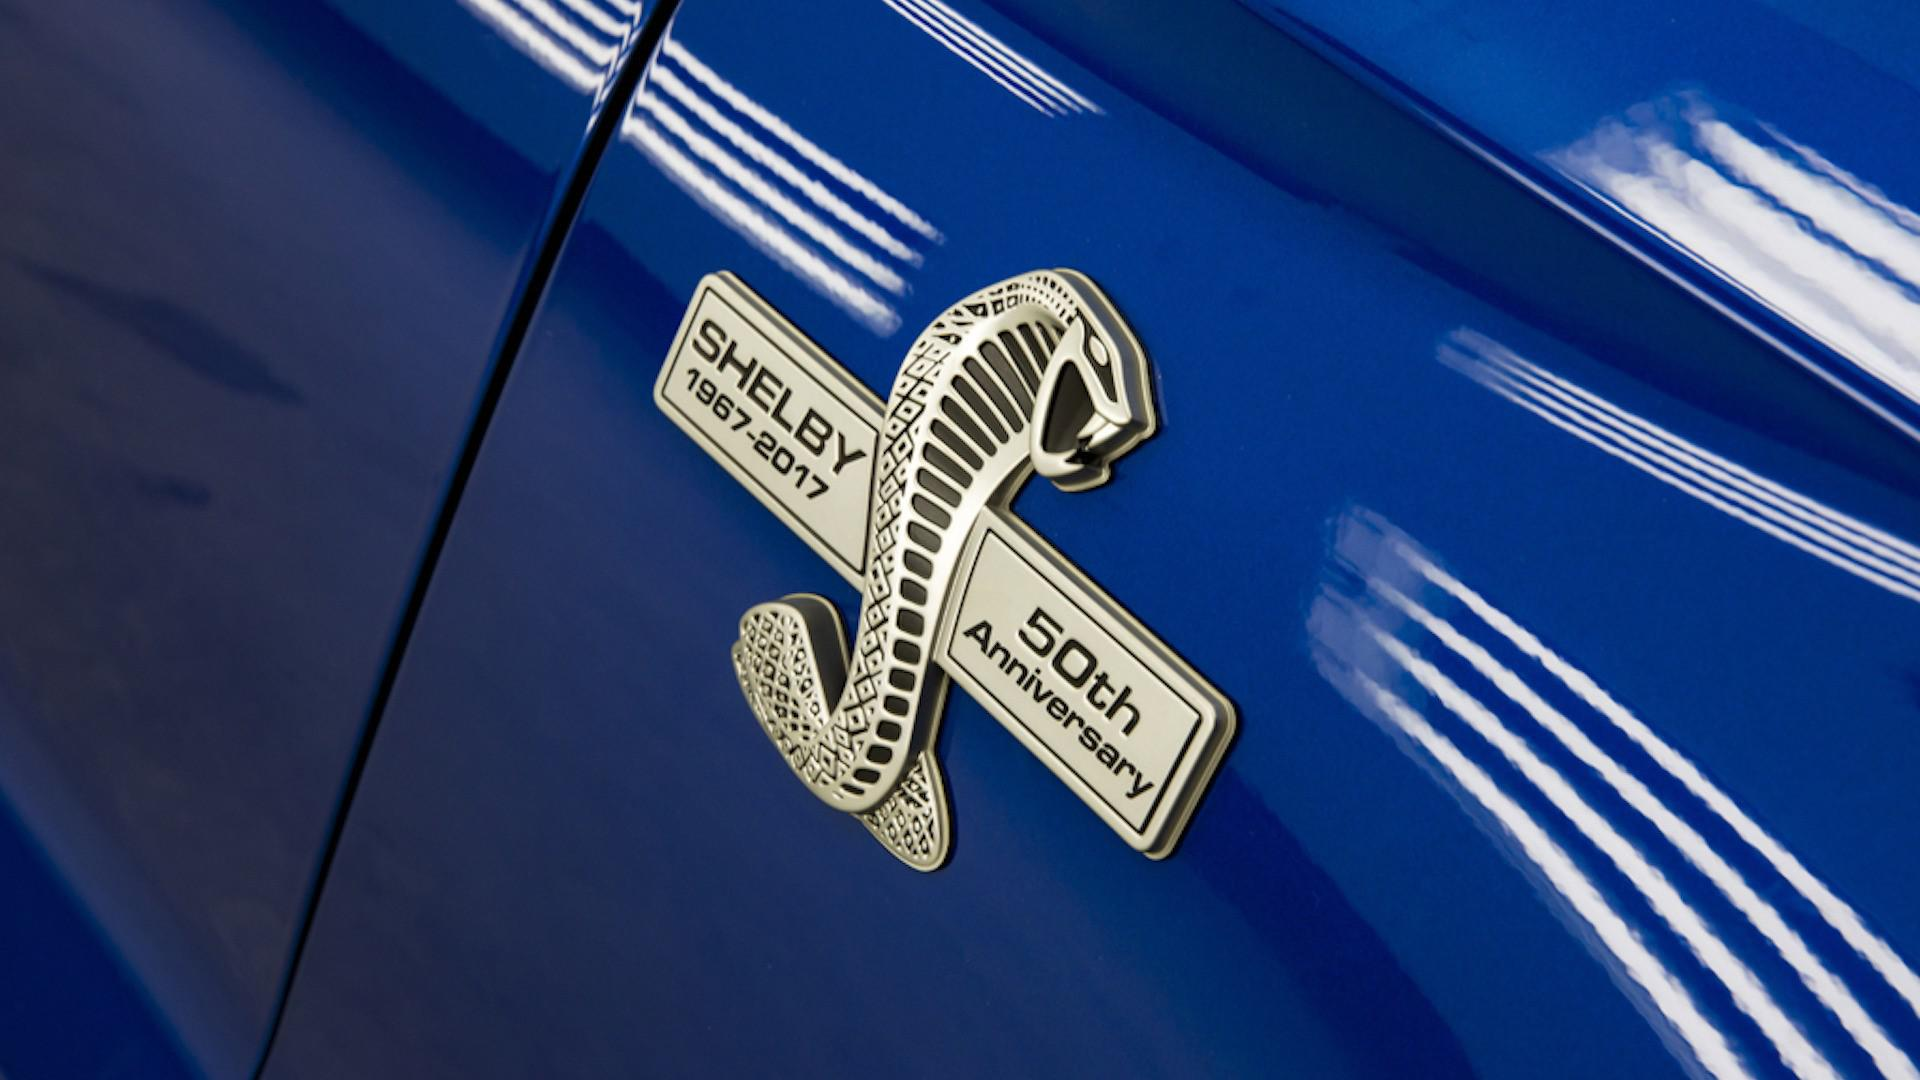 shelby-a-devoile-une-version-super-snake-de-la-mustang-de-750-chevaux-pour-feter-les-50-ans-169-8.jpg